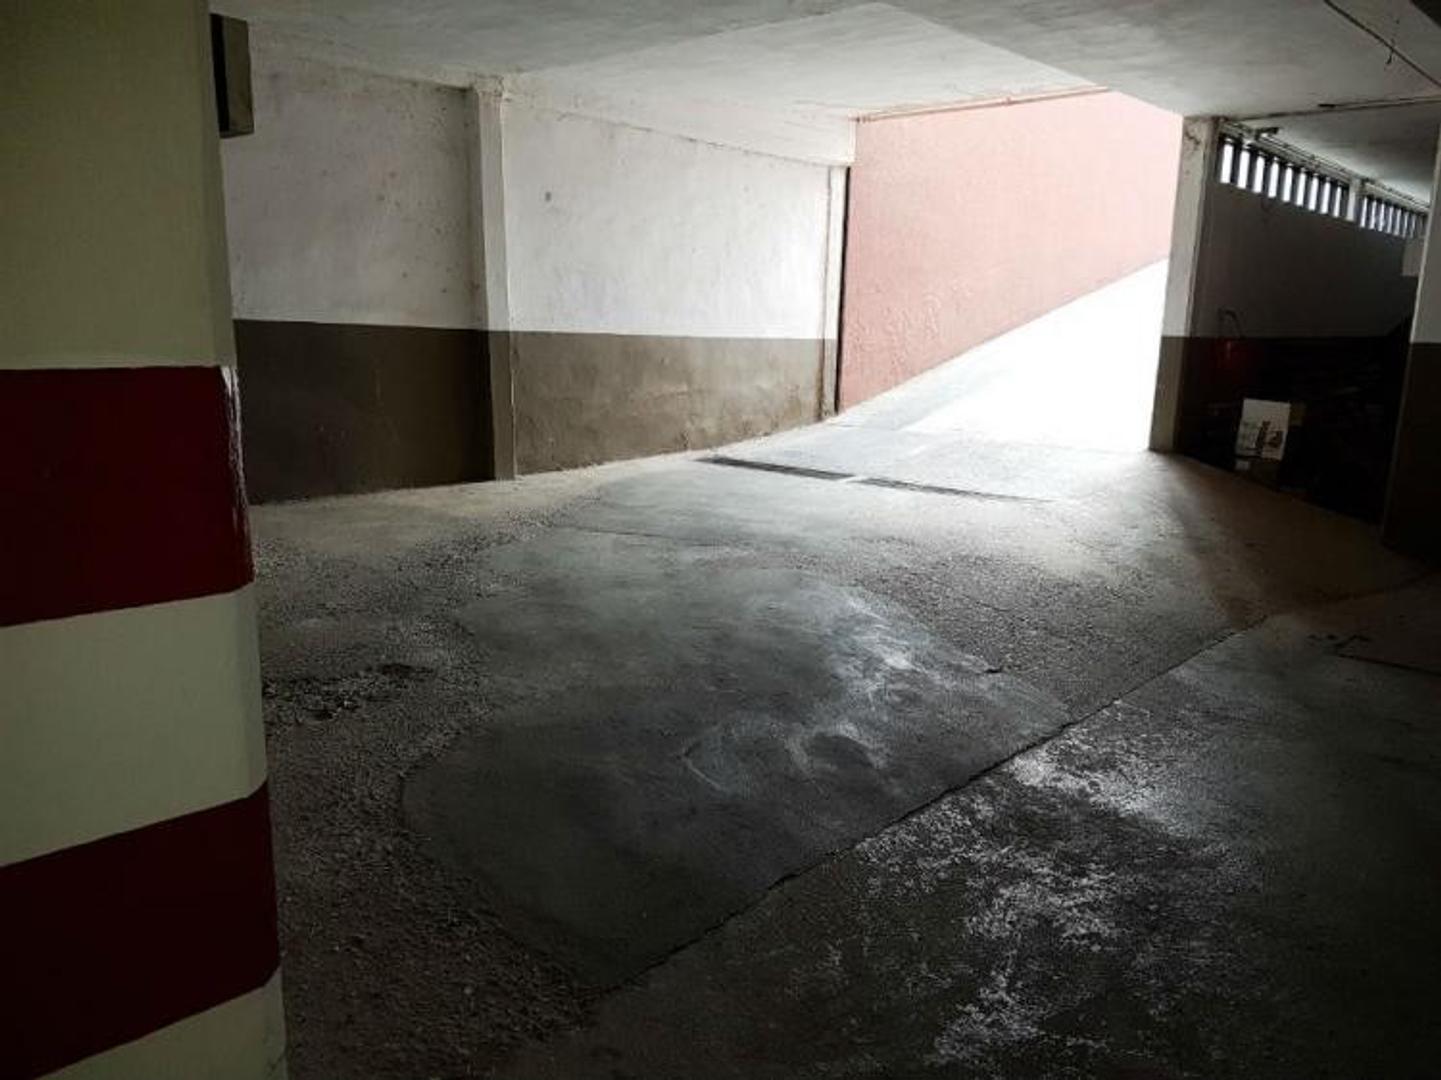 MUY LINDO DEPARTAMENTO DE 1 DORMITORIO, AMPLIO, CON WiFi. A 1 CUADRA DE PEATONAL, Zona McDonals. - Foto 14